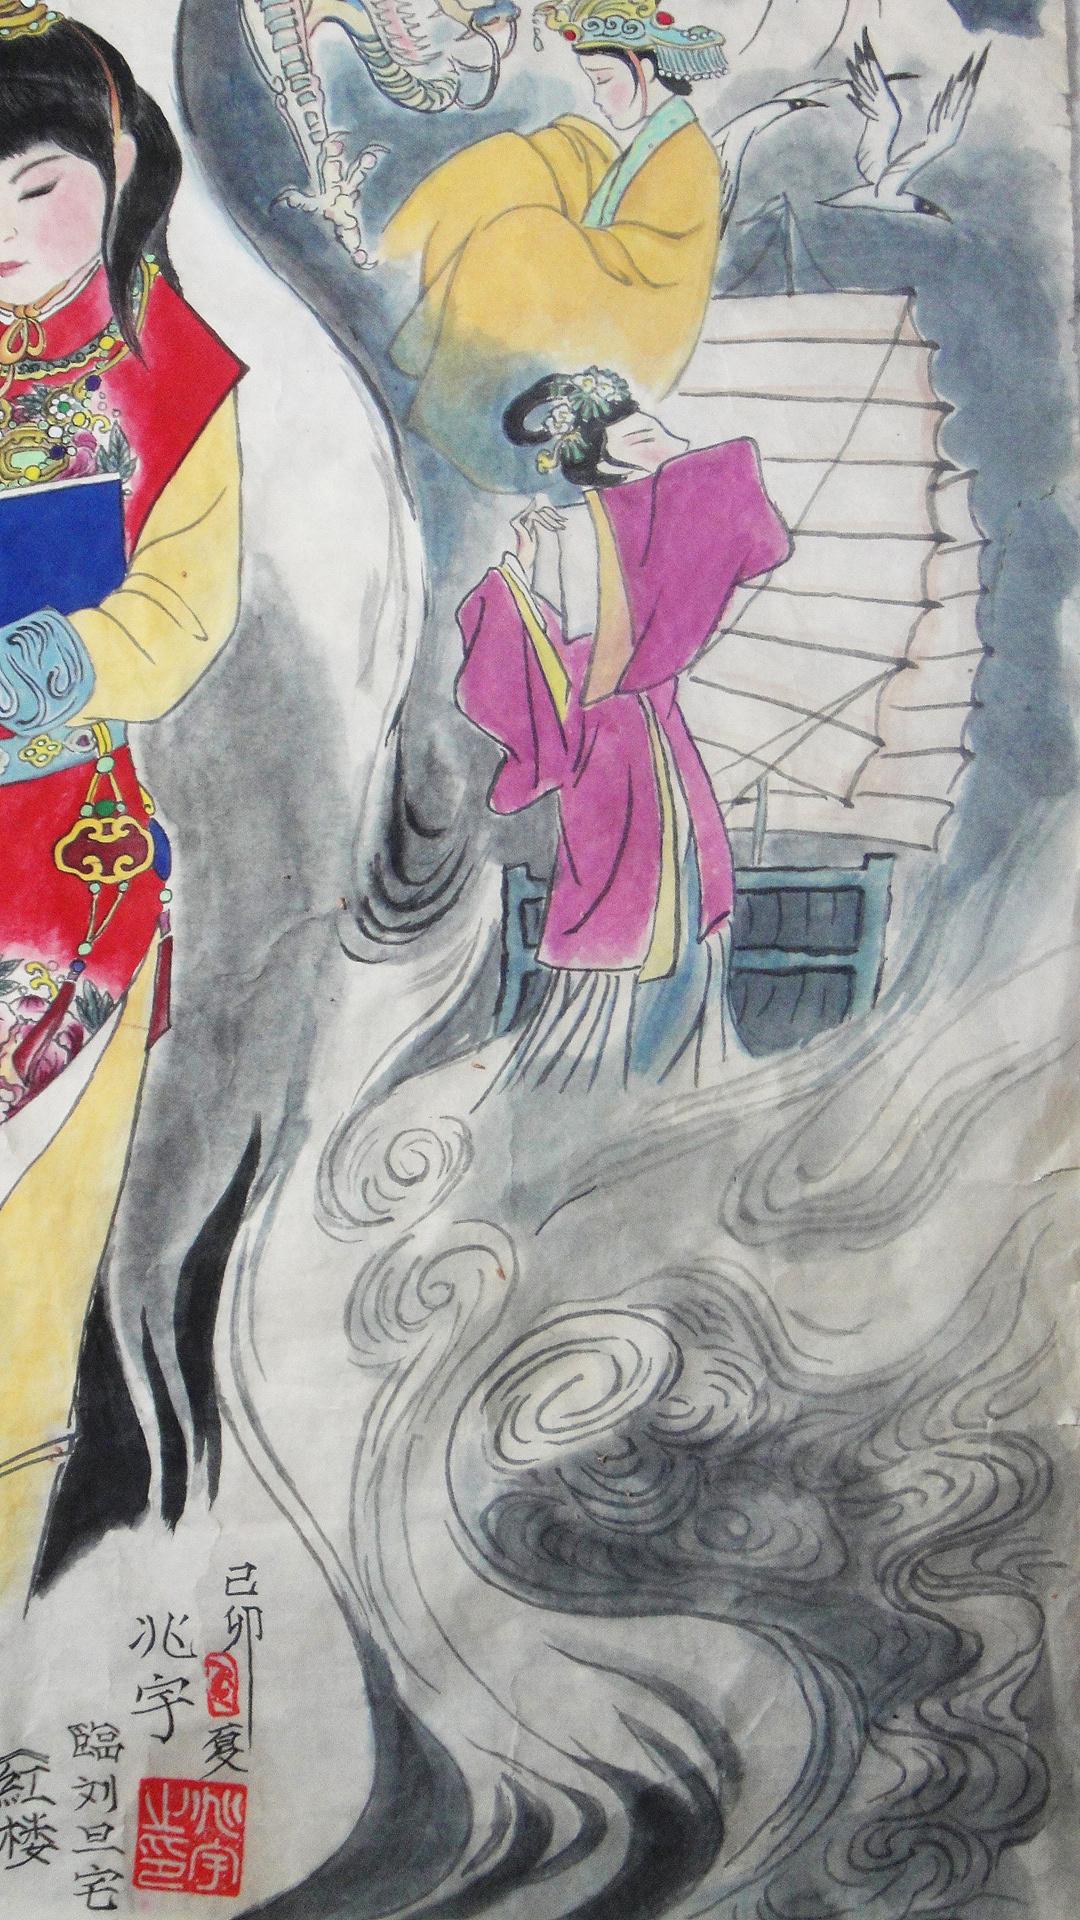 《红楼梦》第五回 游幻境指迷十二钗 饮仙醪曲演红楼梦